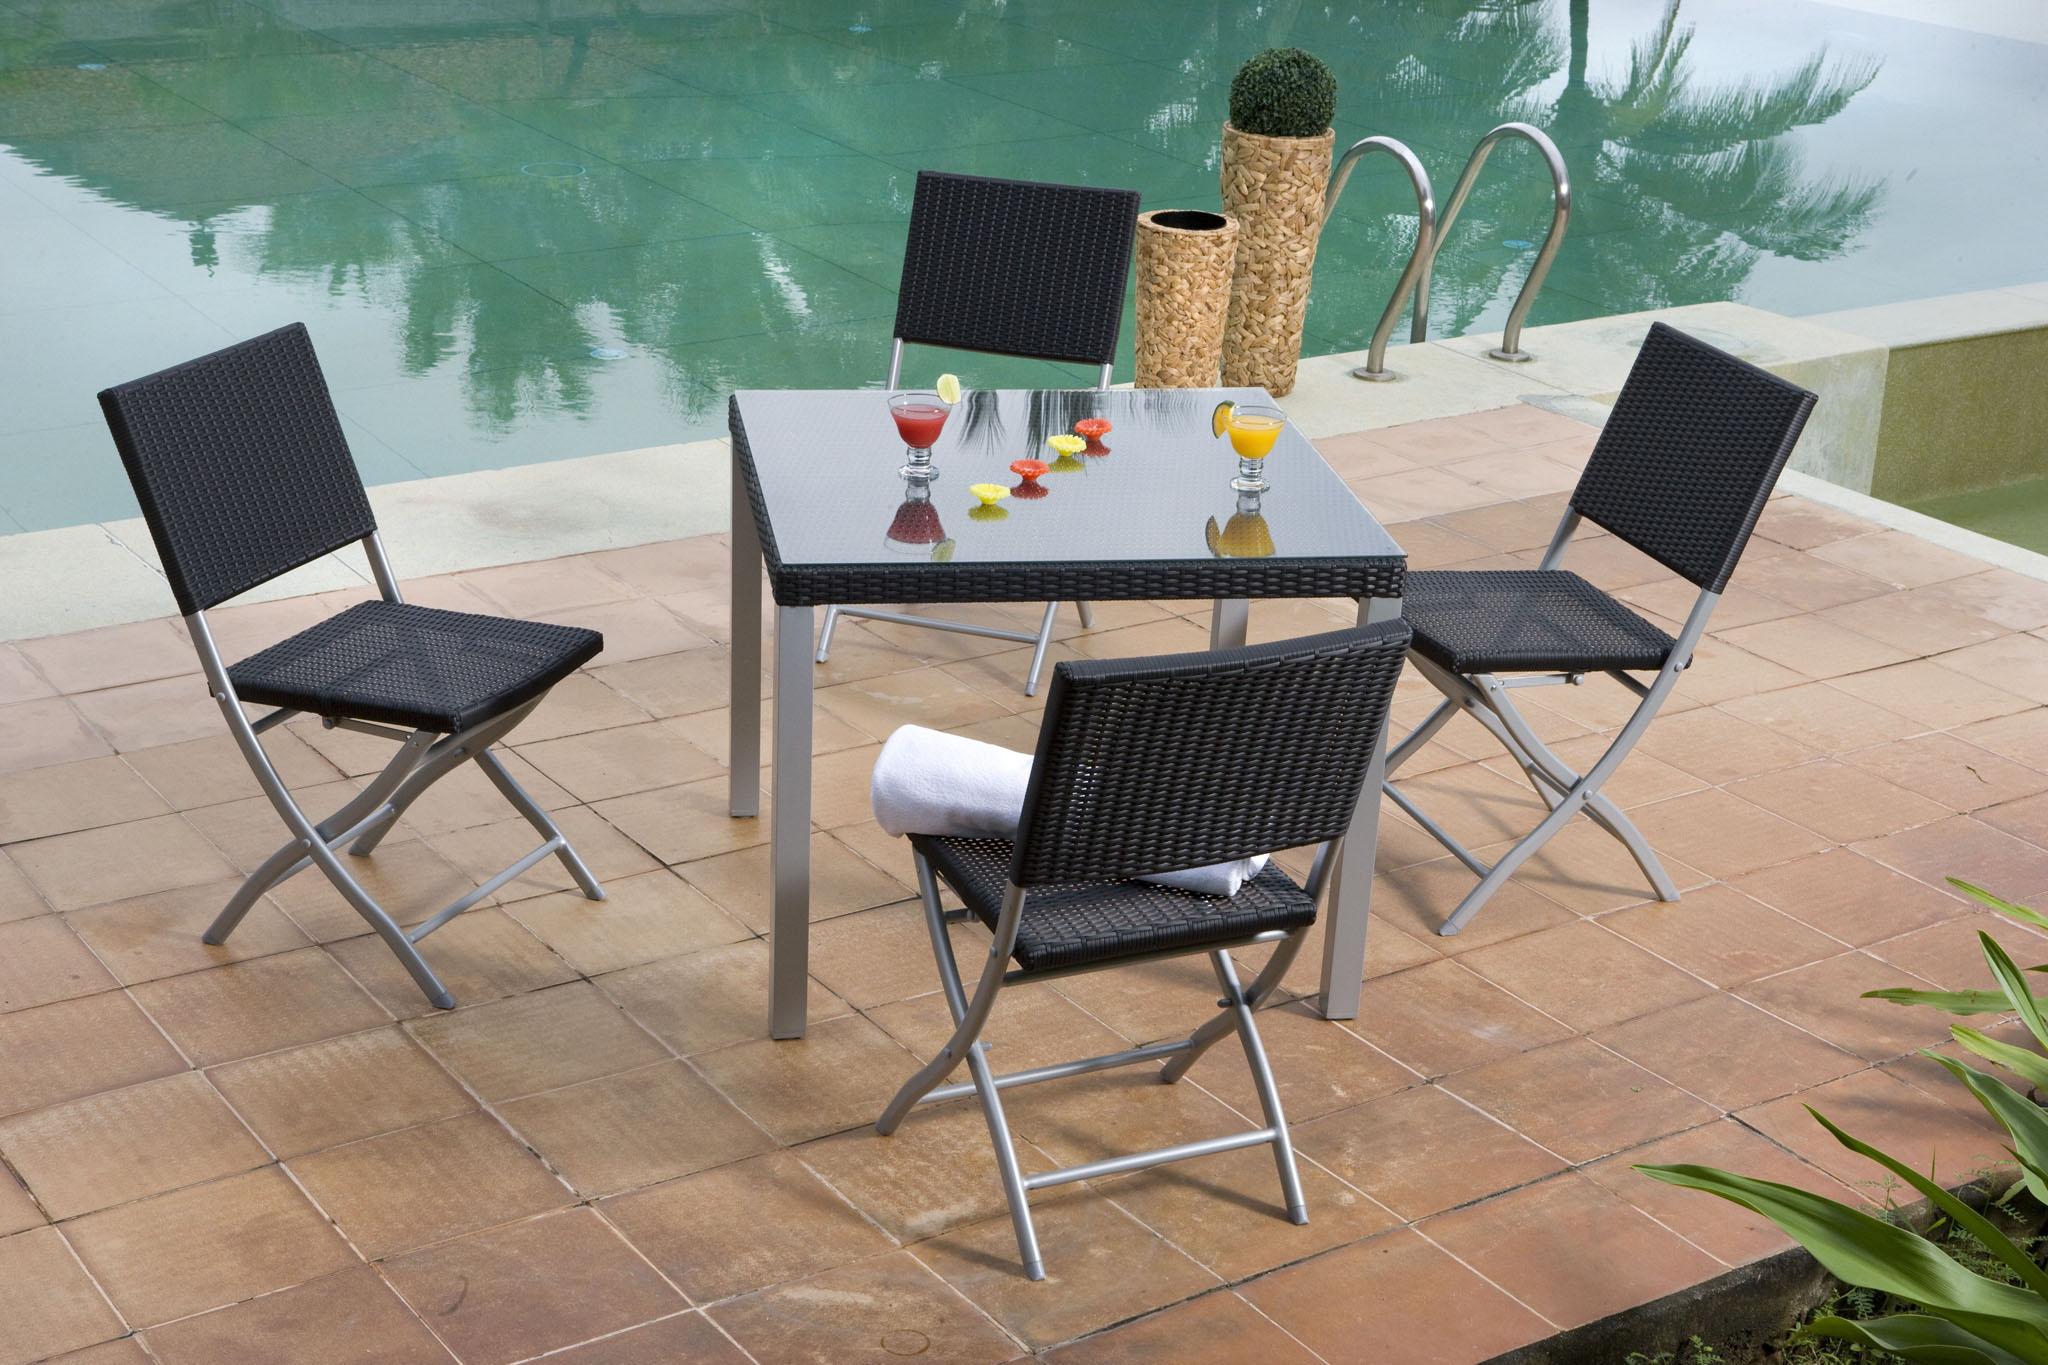 Chez conforama les meubles de jardin sont en f tes for Conforama muebles de jardin